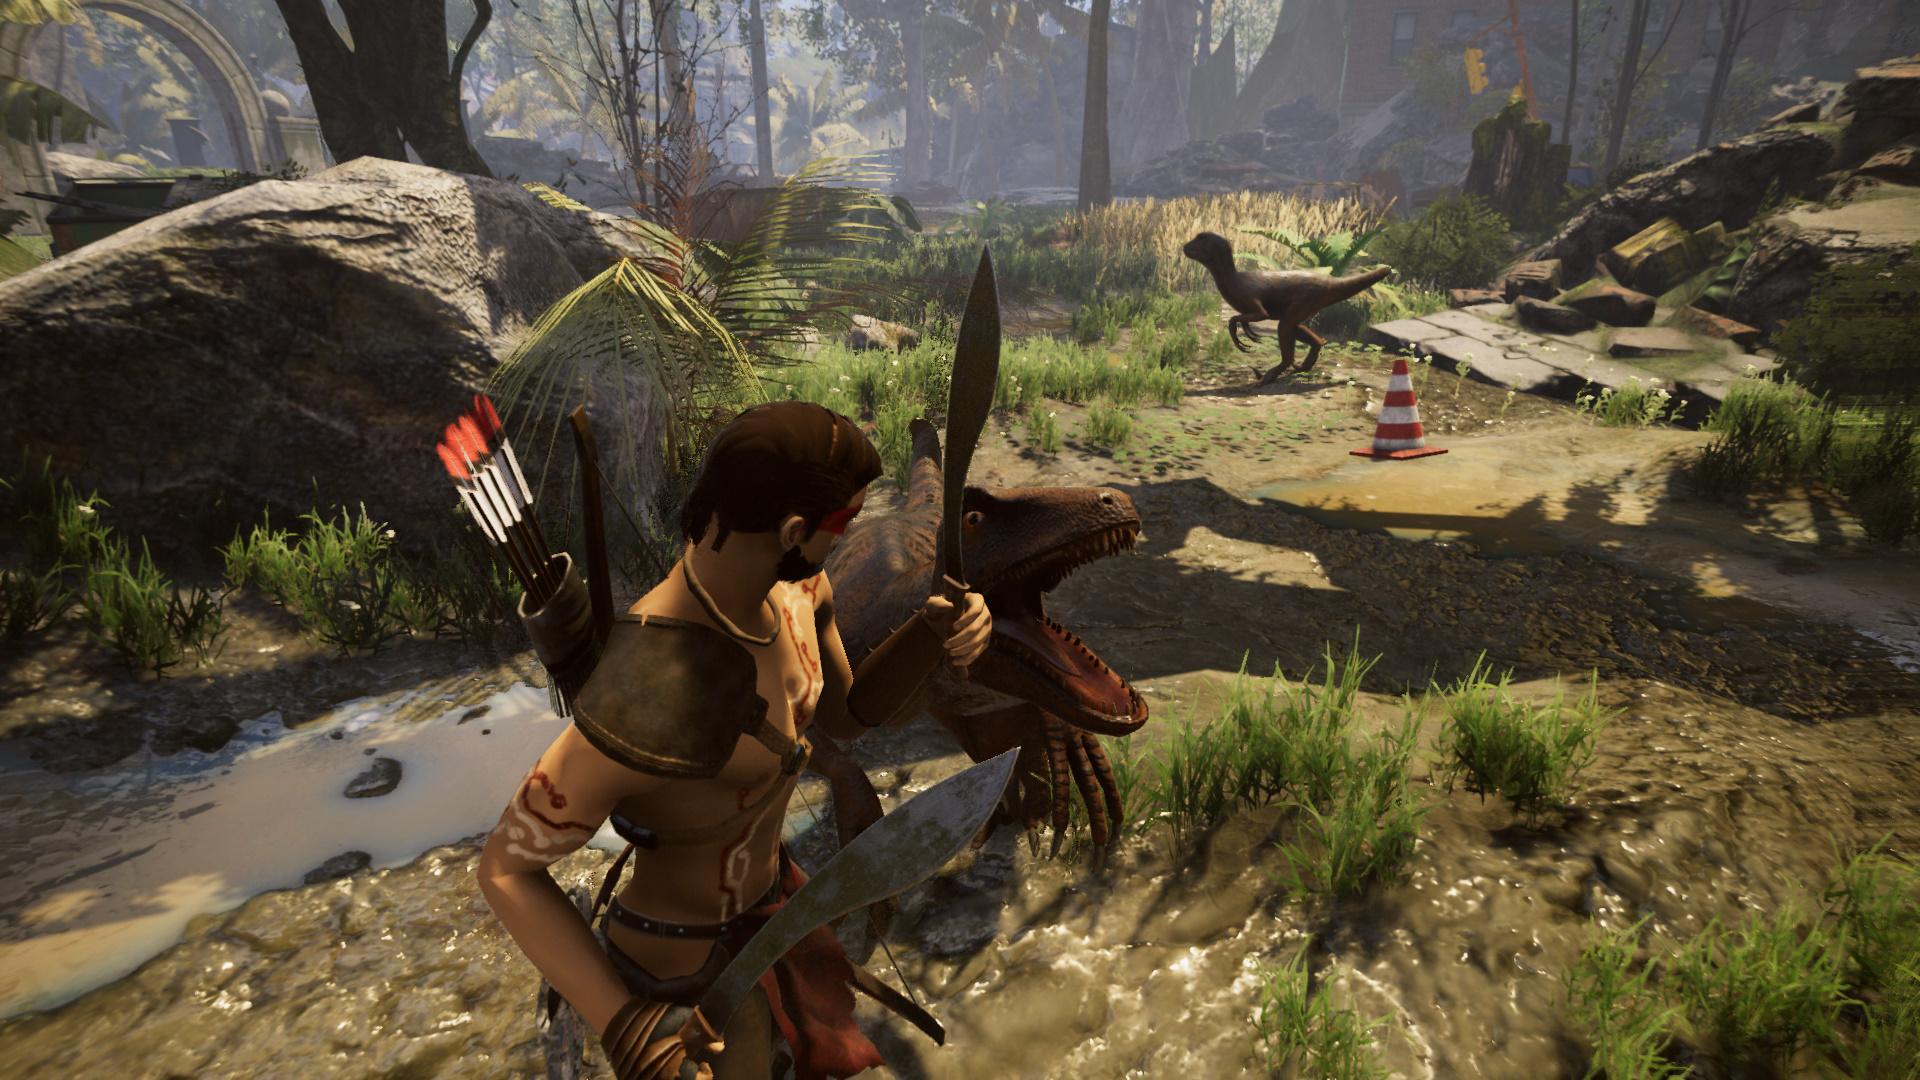 Reptiles In Hunt Free Download